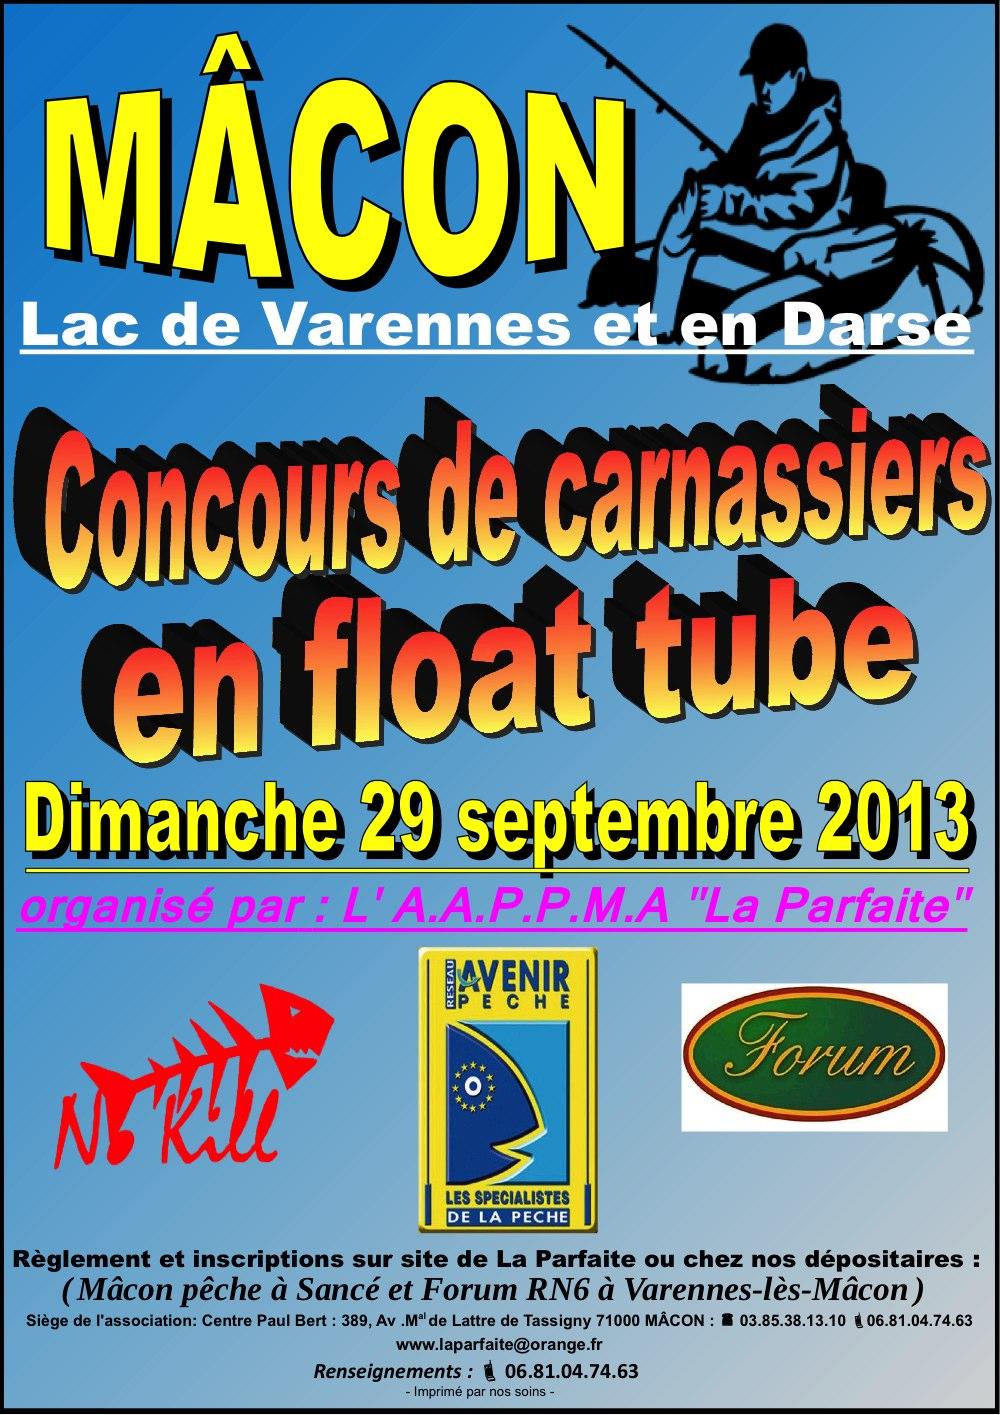 affiche concours float tube Mâcon